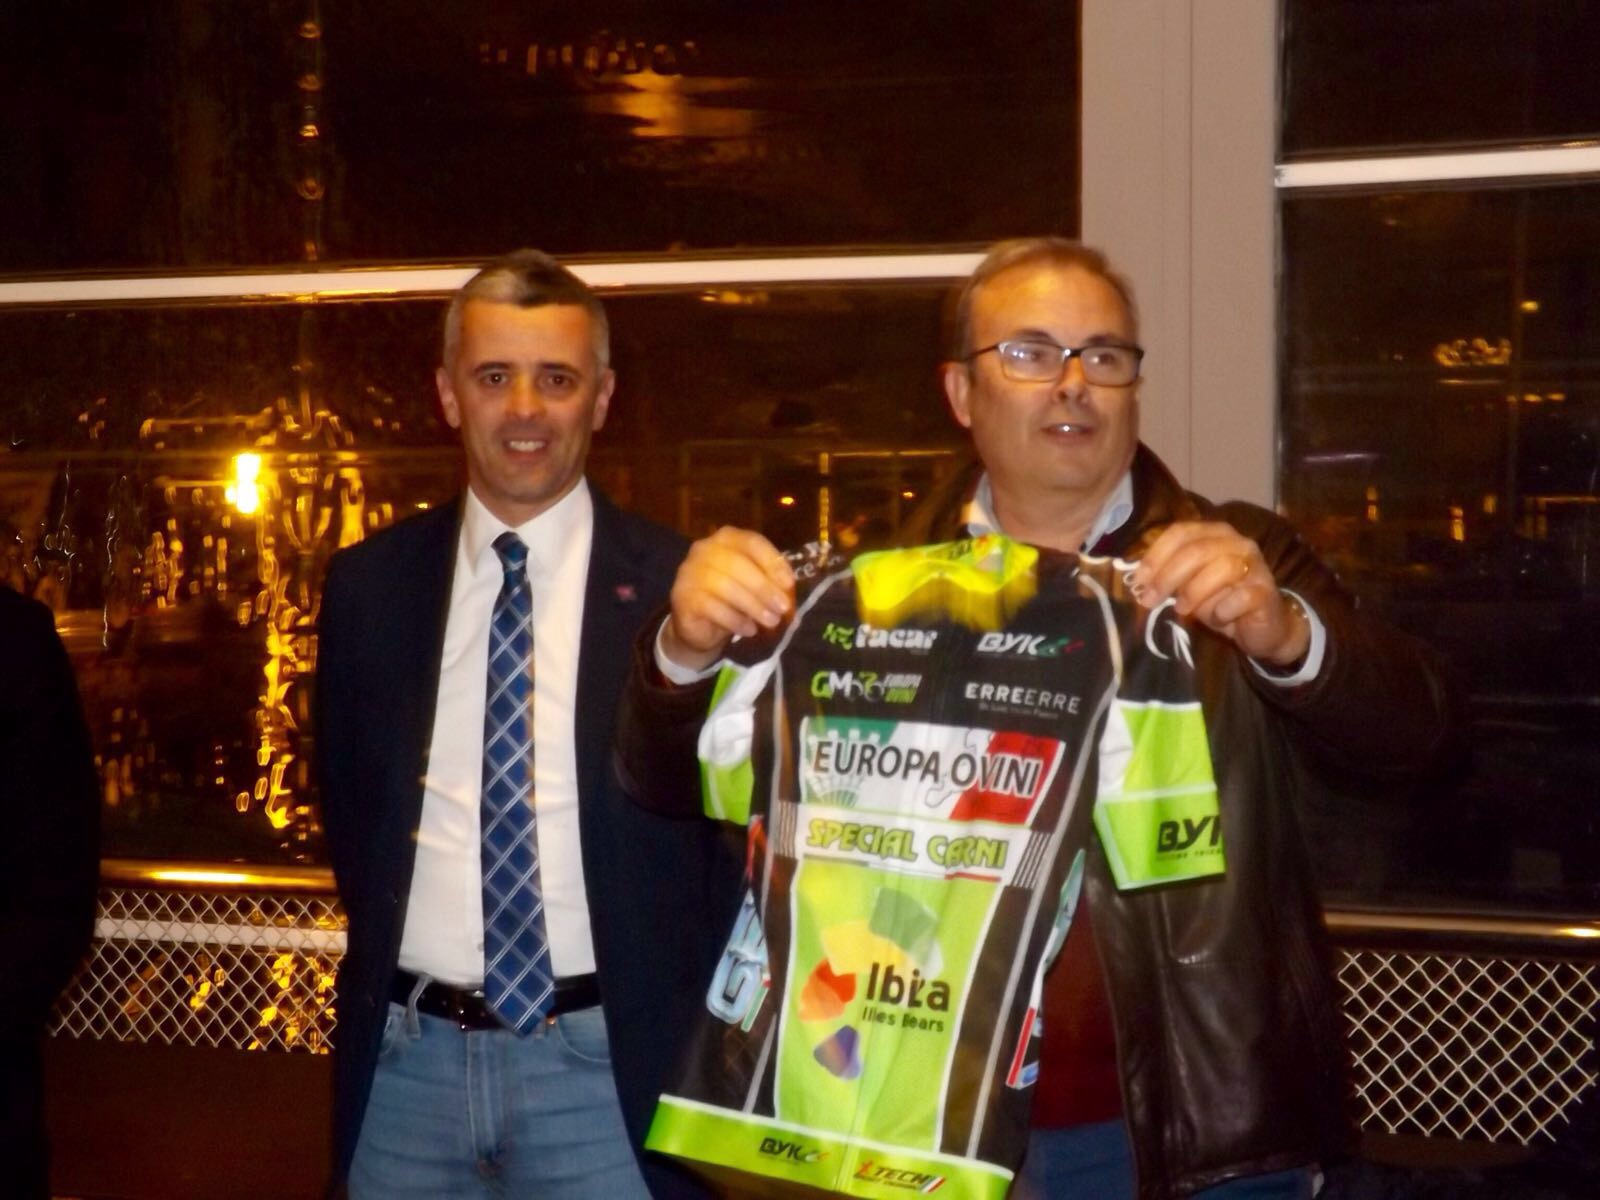 Ciclismo GM Europa Ovini: la presentazione a Ibiza